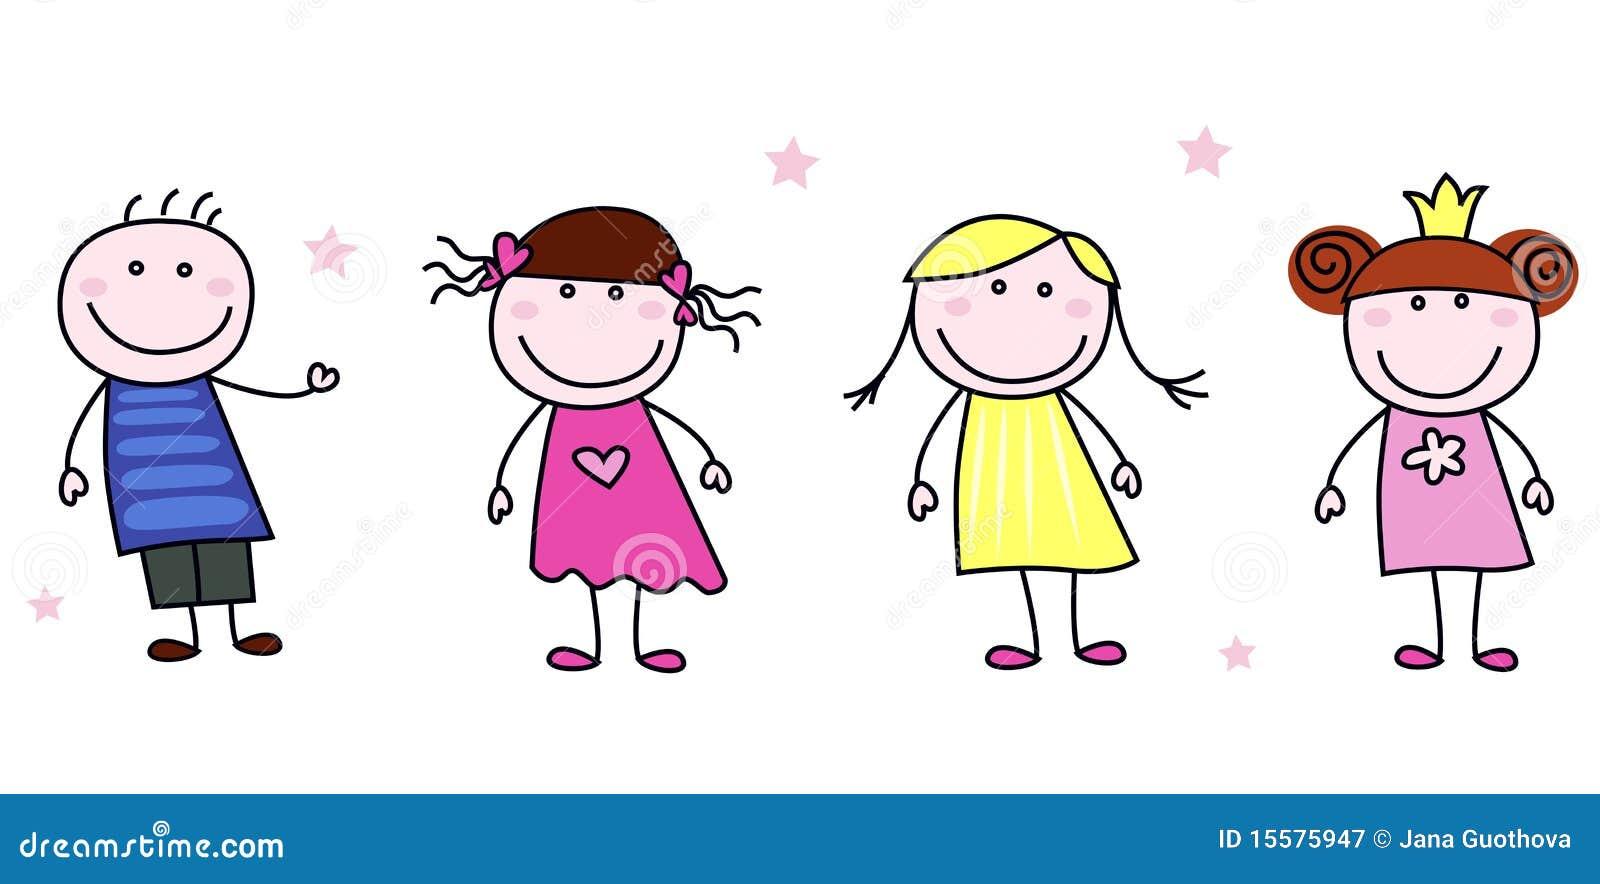 Stick Figures Doodle Children Characters Stock Vector Image 15575947